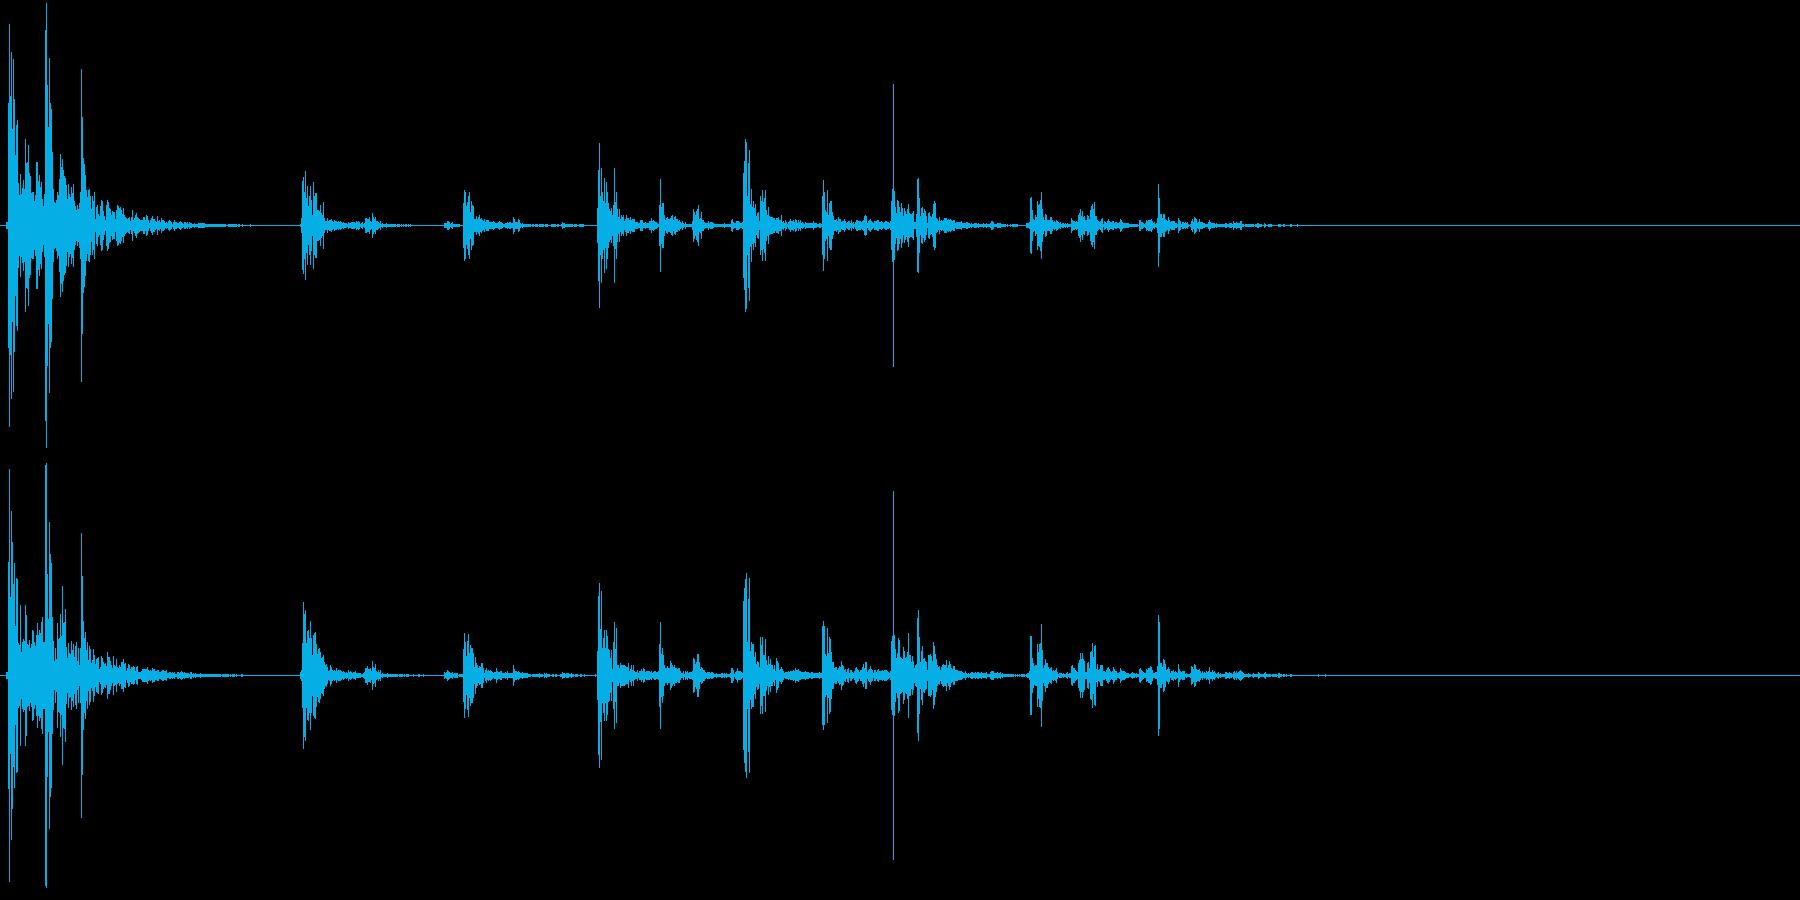 【生録音】プラスチックの容器が転がる 4の再生済みの波形